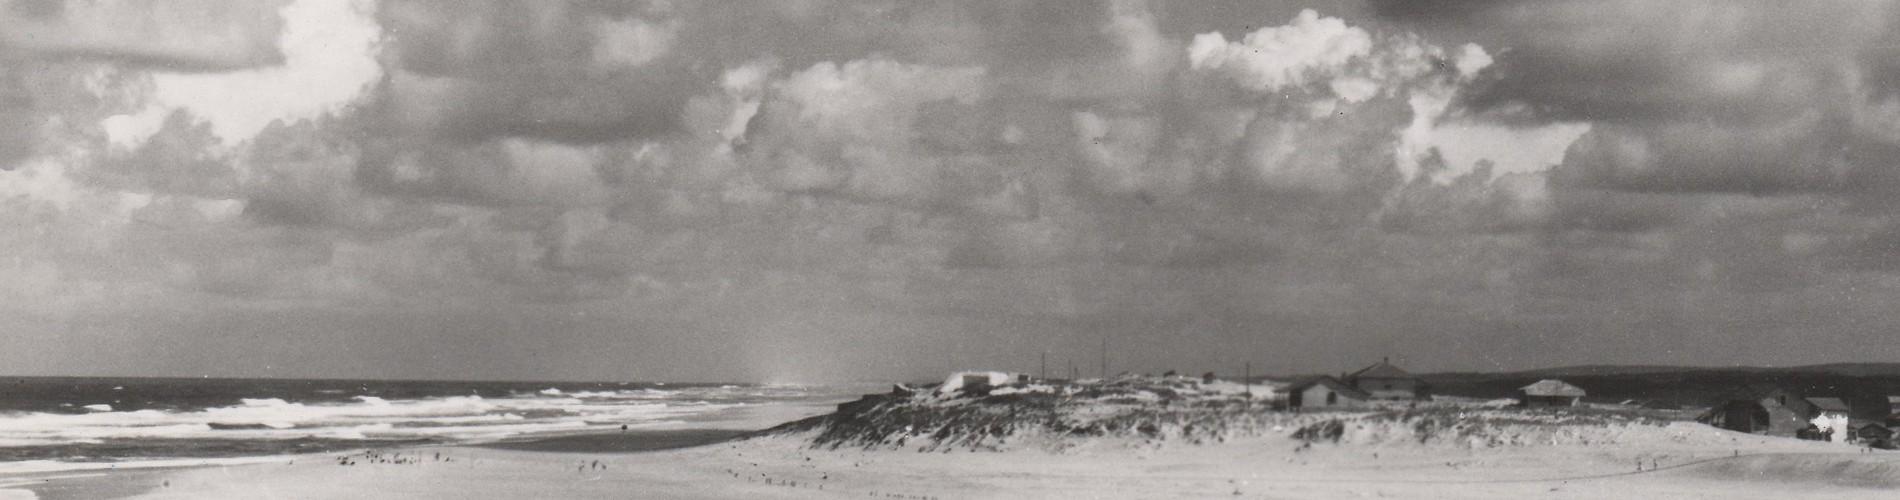 BUnker de la position Ba02 au lendemain de la seconde guerre mondiale - 1948